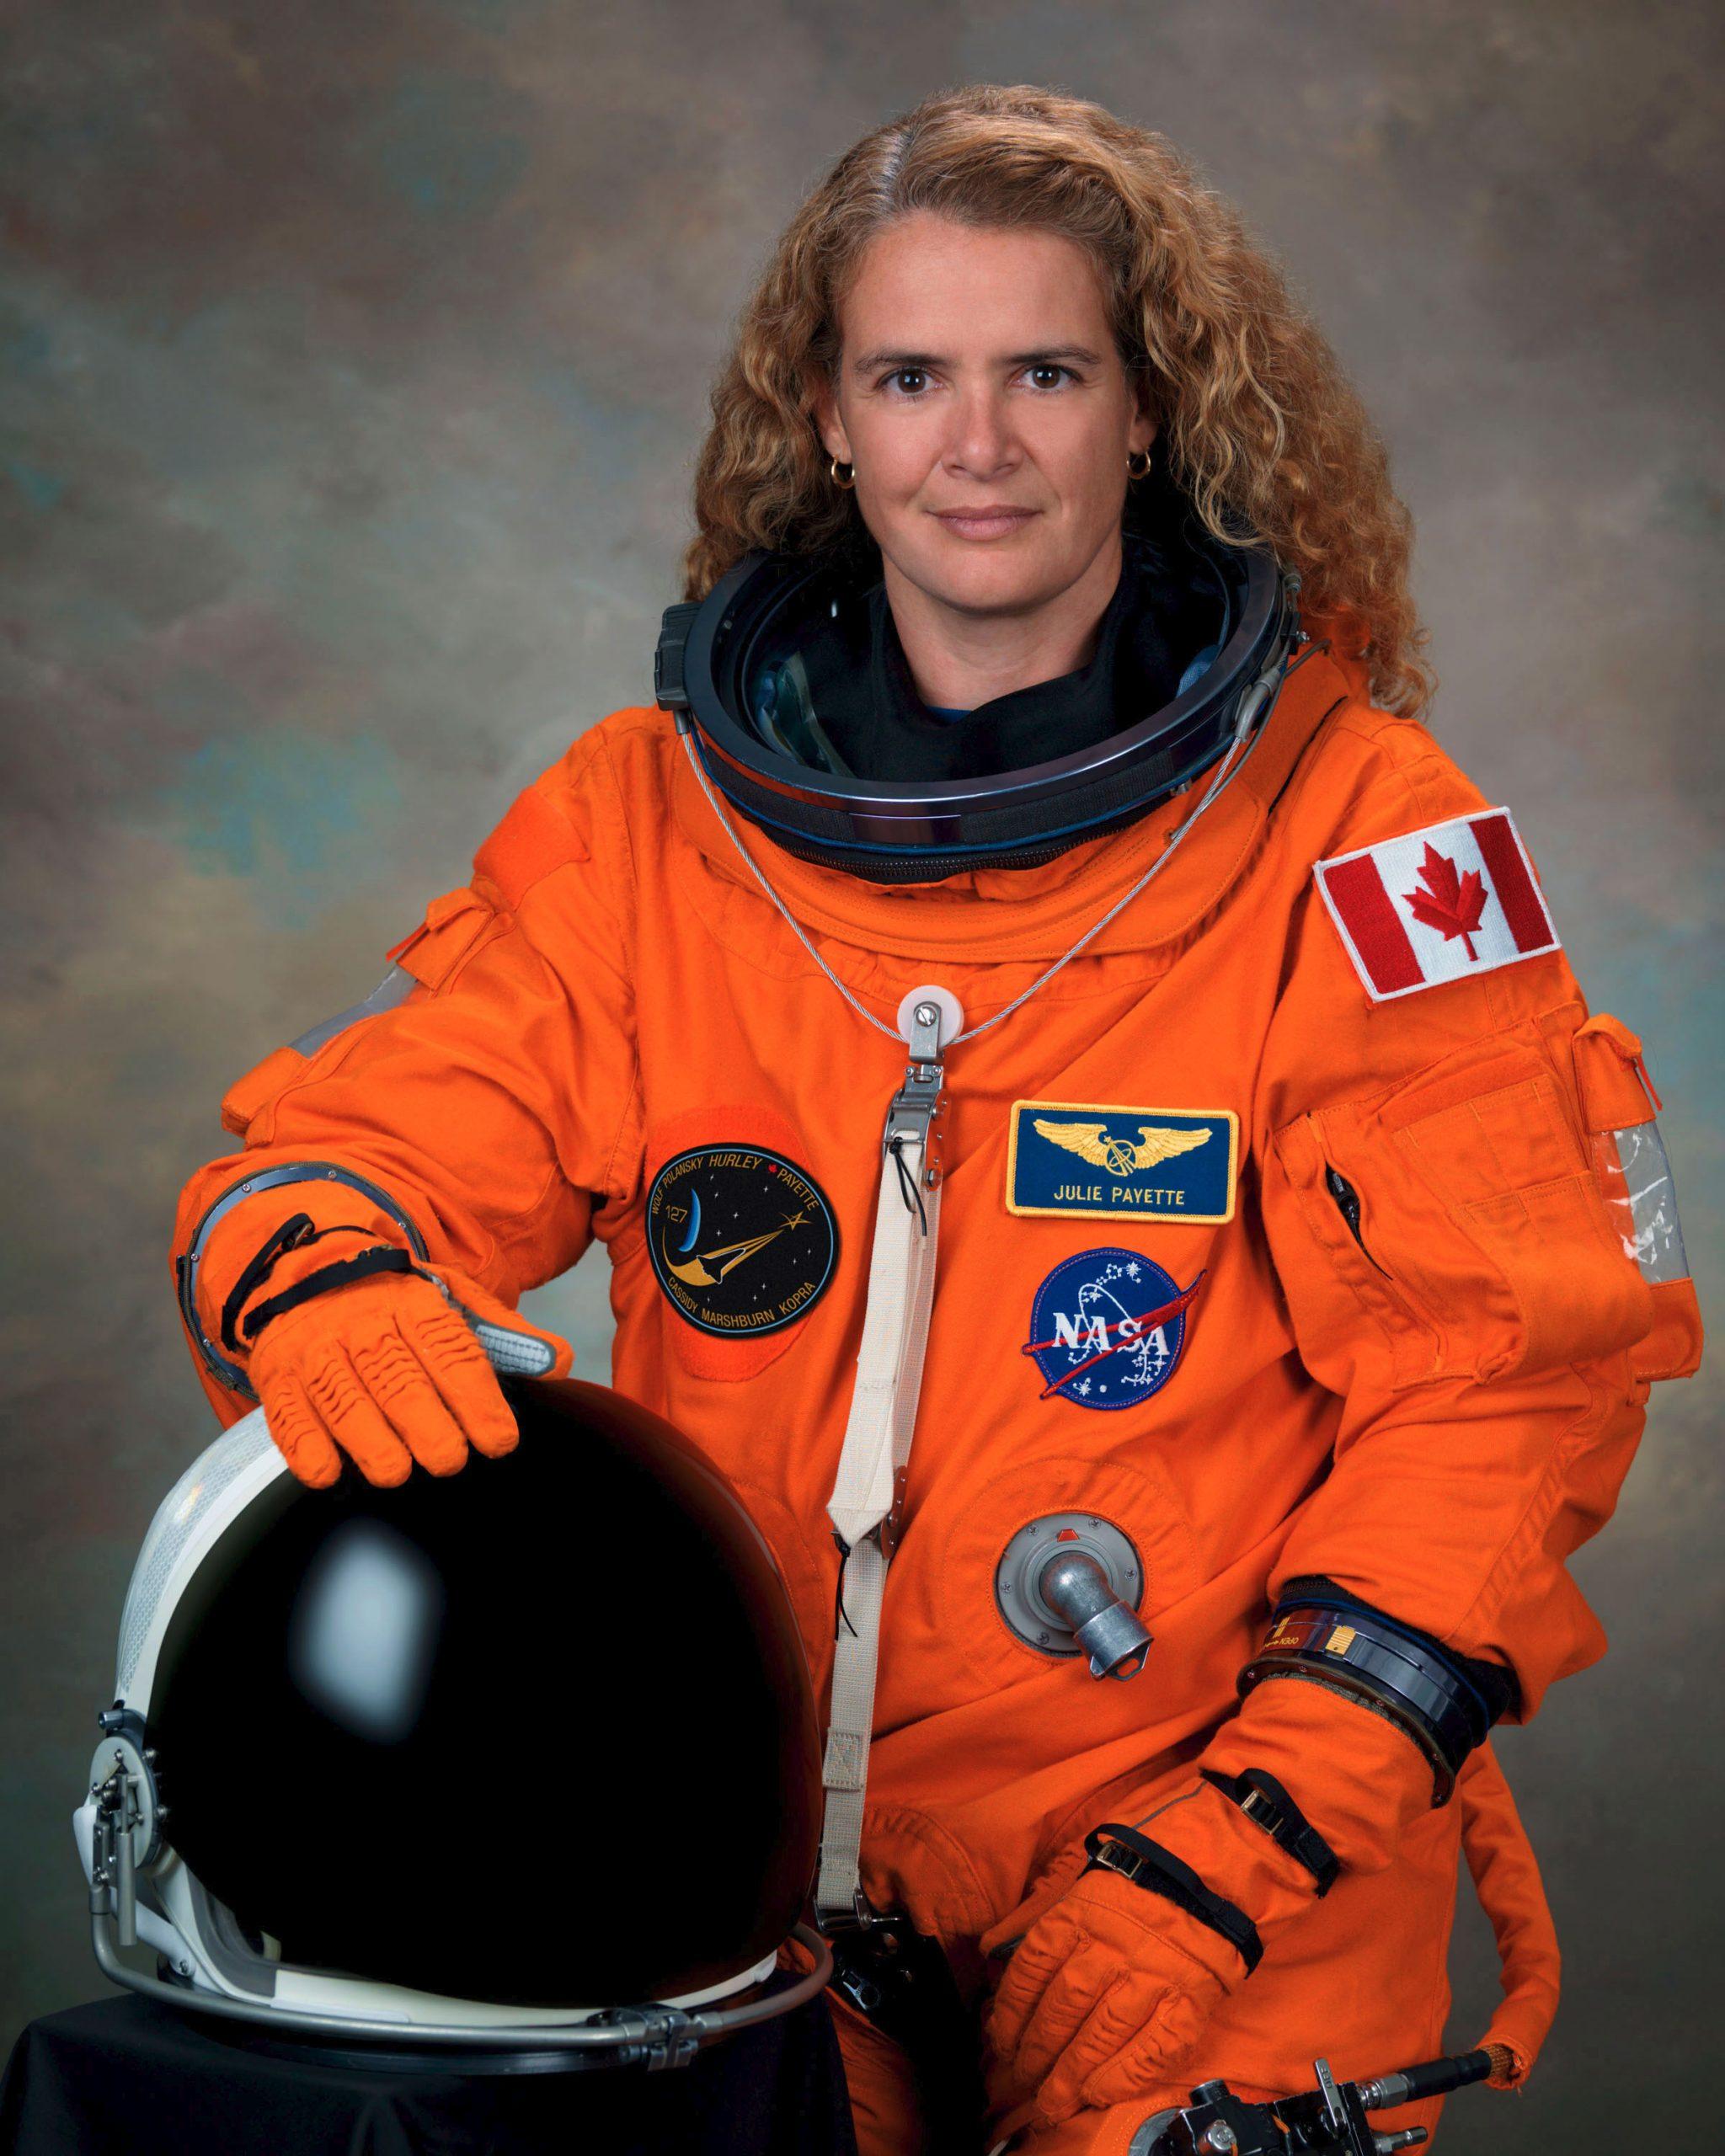 جولی پی یت فضانورد سابق کانادا که از ماه اکتبر به سمت فرماندار کل جدید کانادا انتخاب می شود